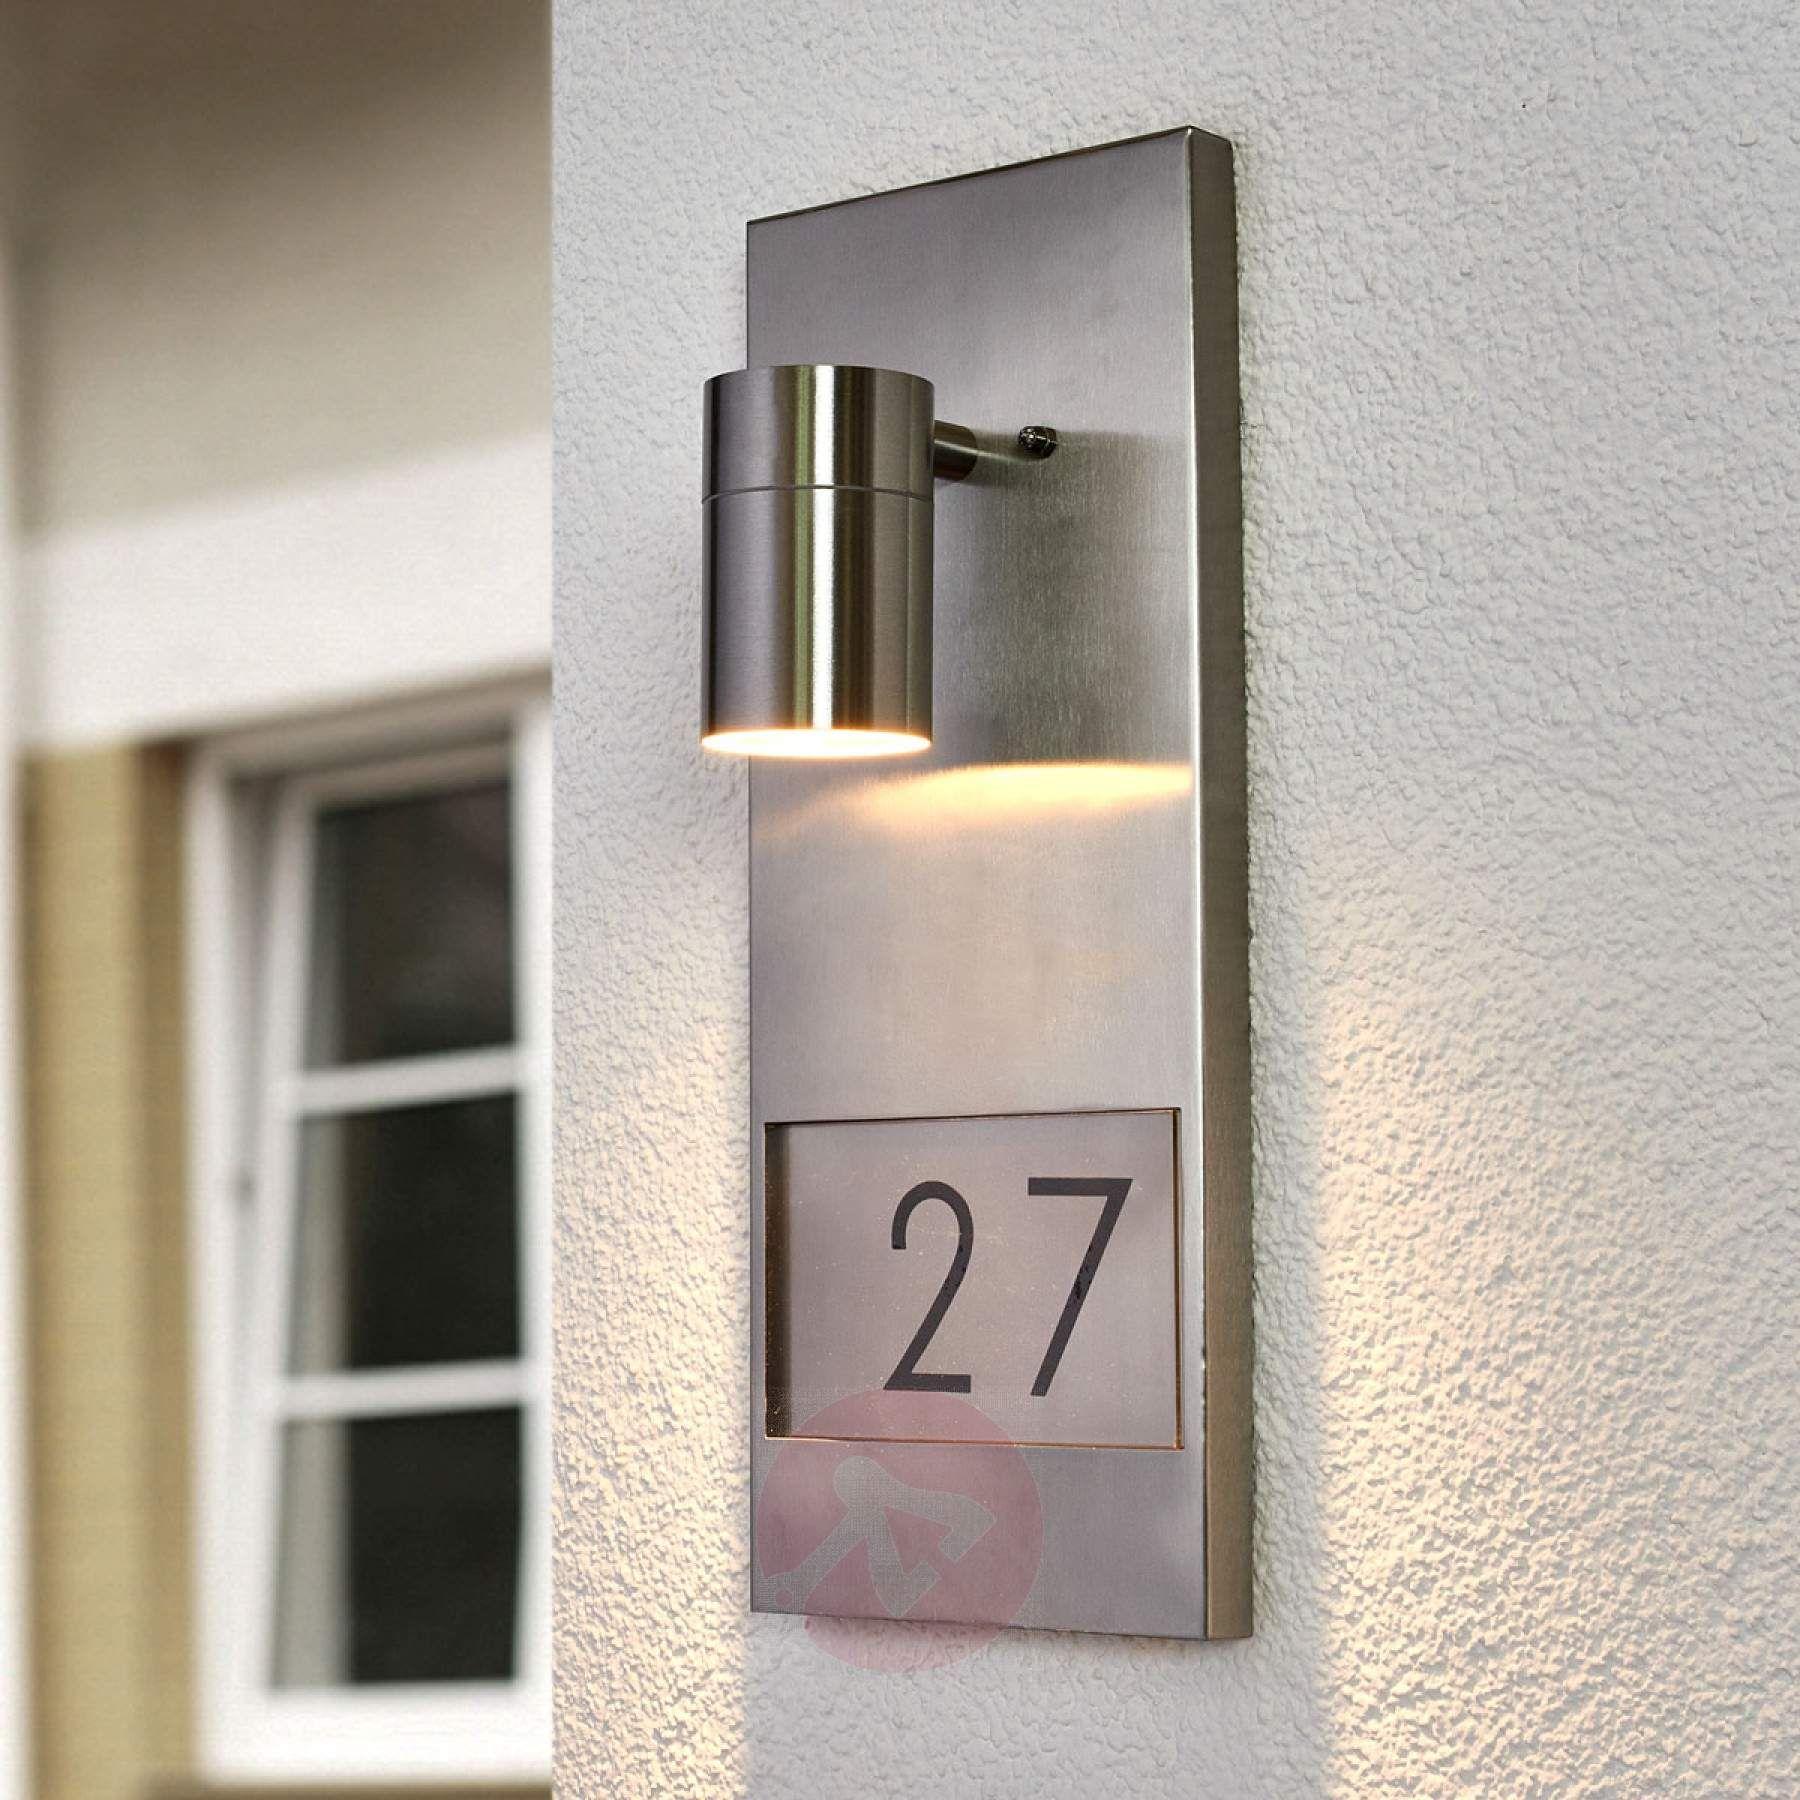 mooie huisnummerverlichting modena 7655 rvs 5522330 01